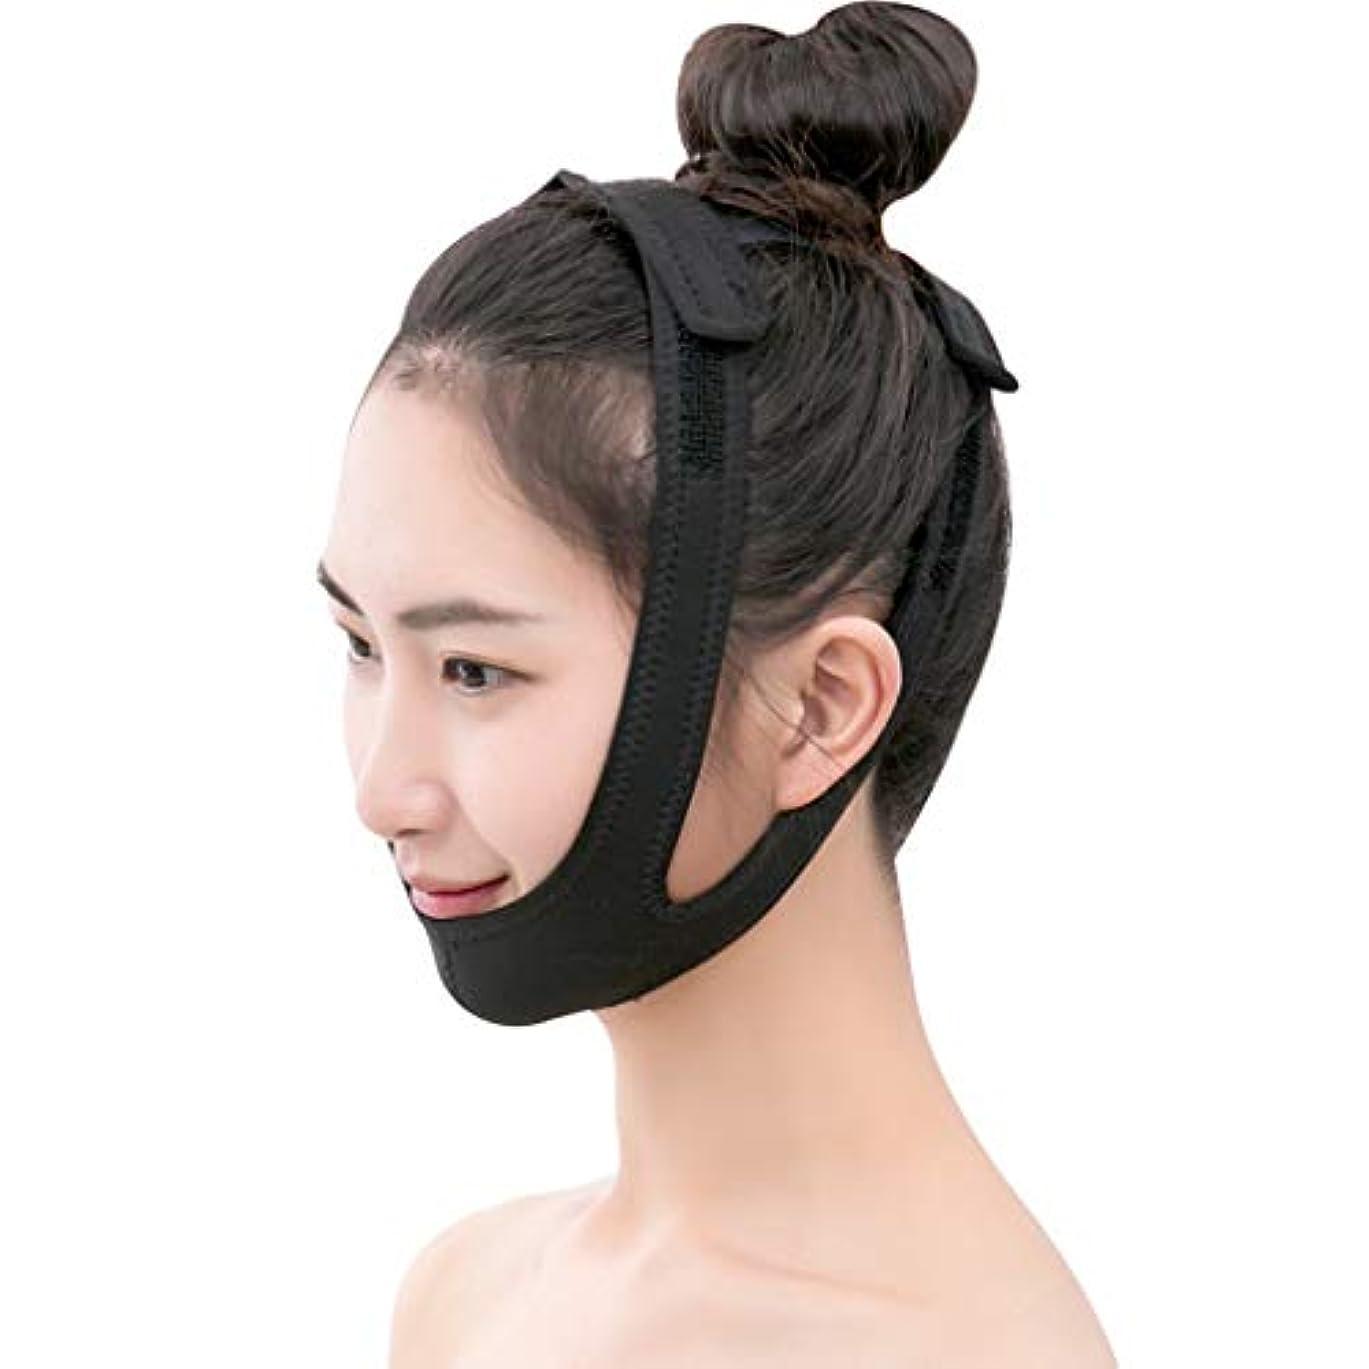 ピック記憶小屋顔リフト手術回復ライン彫刻顔リフト顔のリフト v 顔睡眠マスク